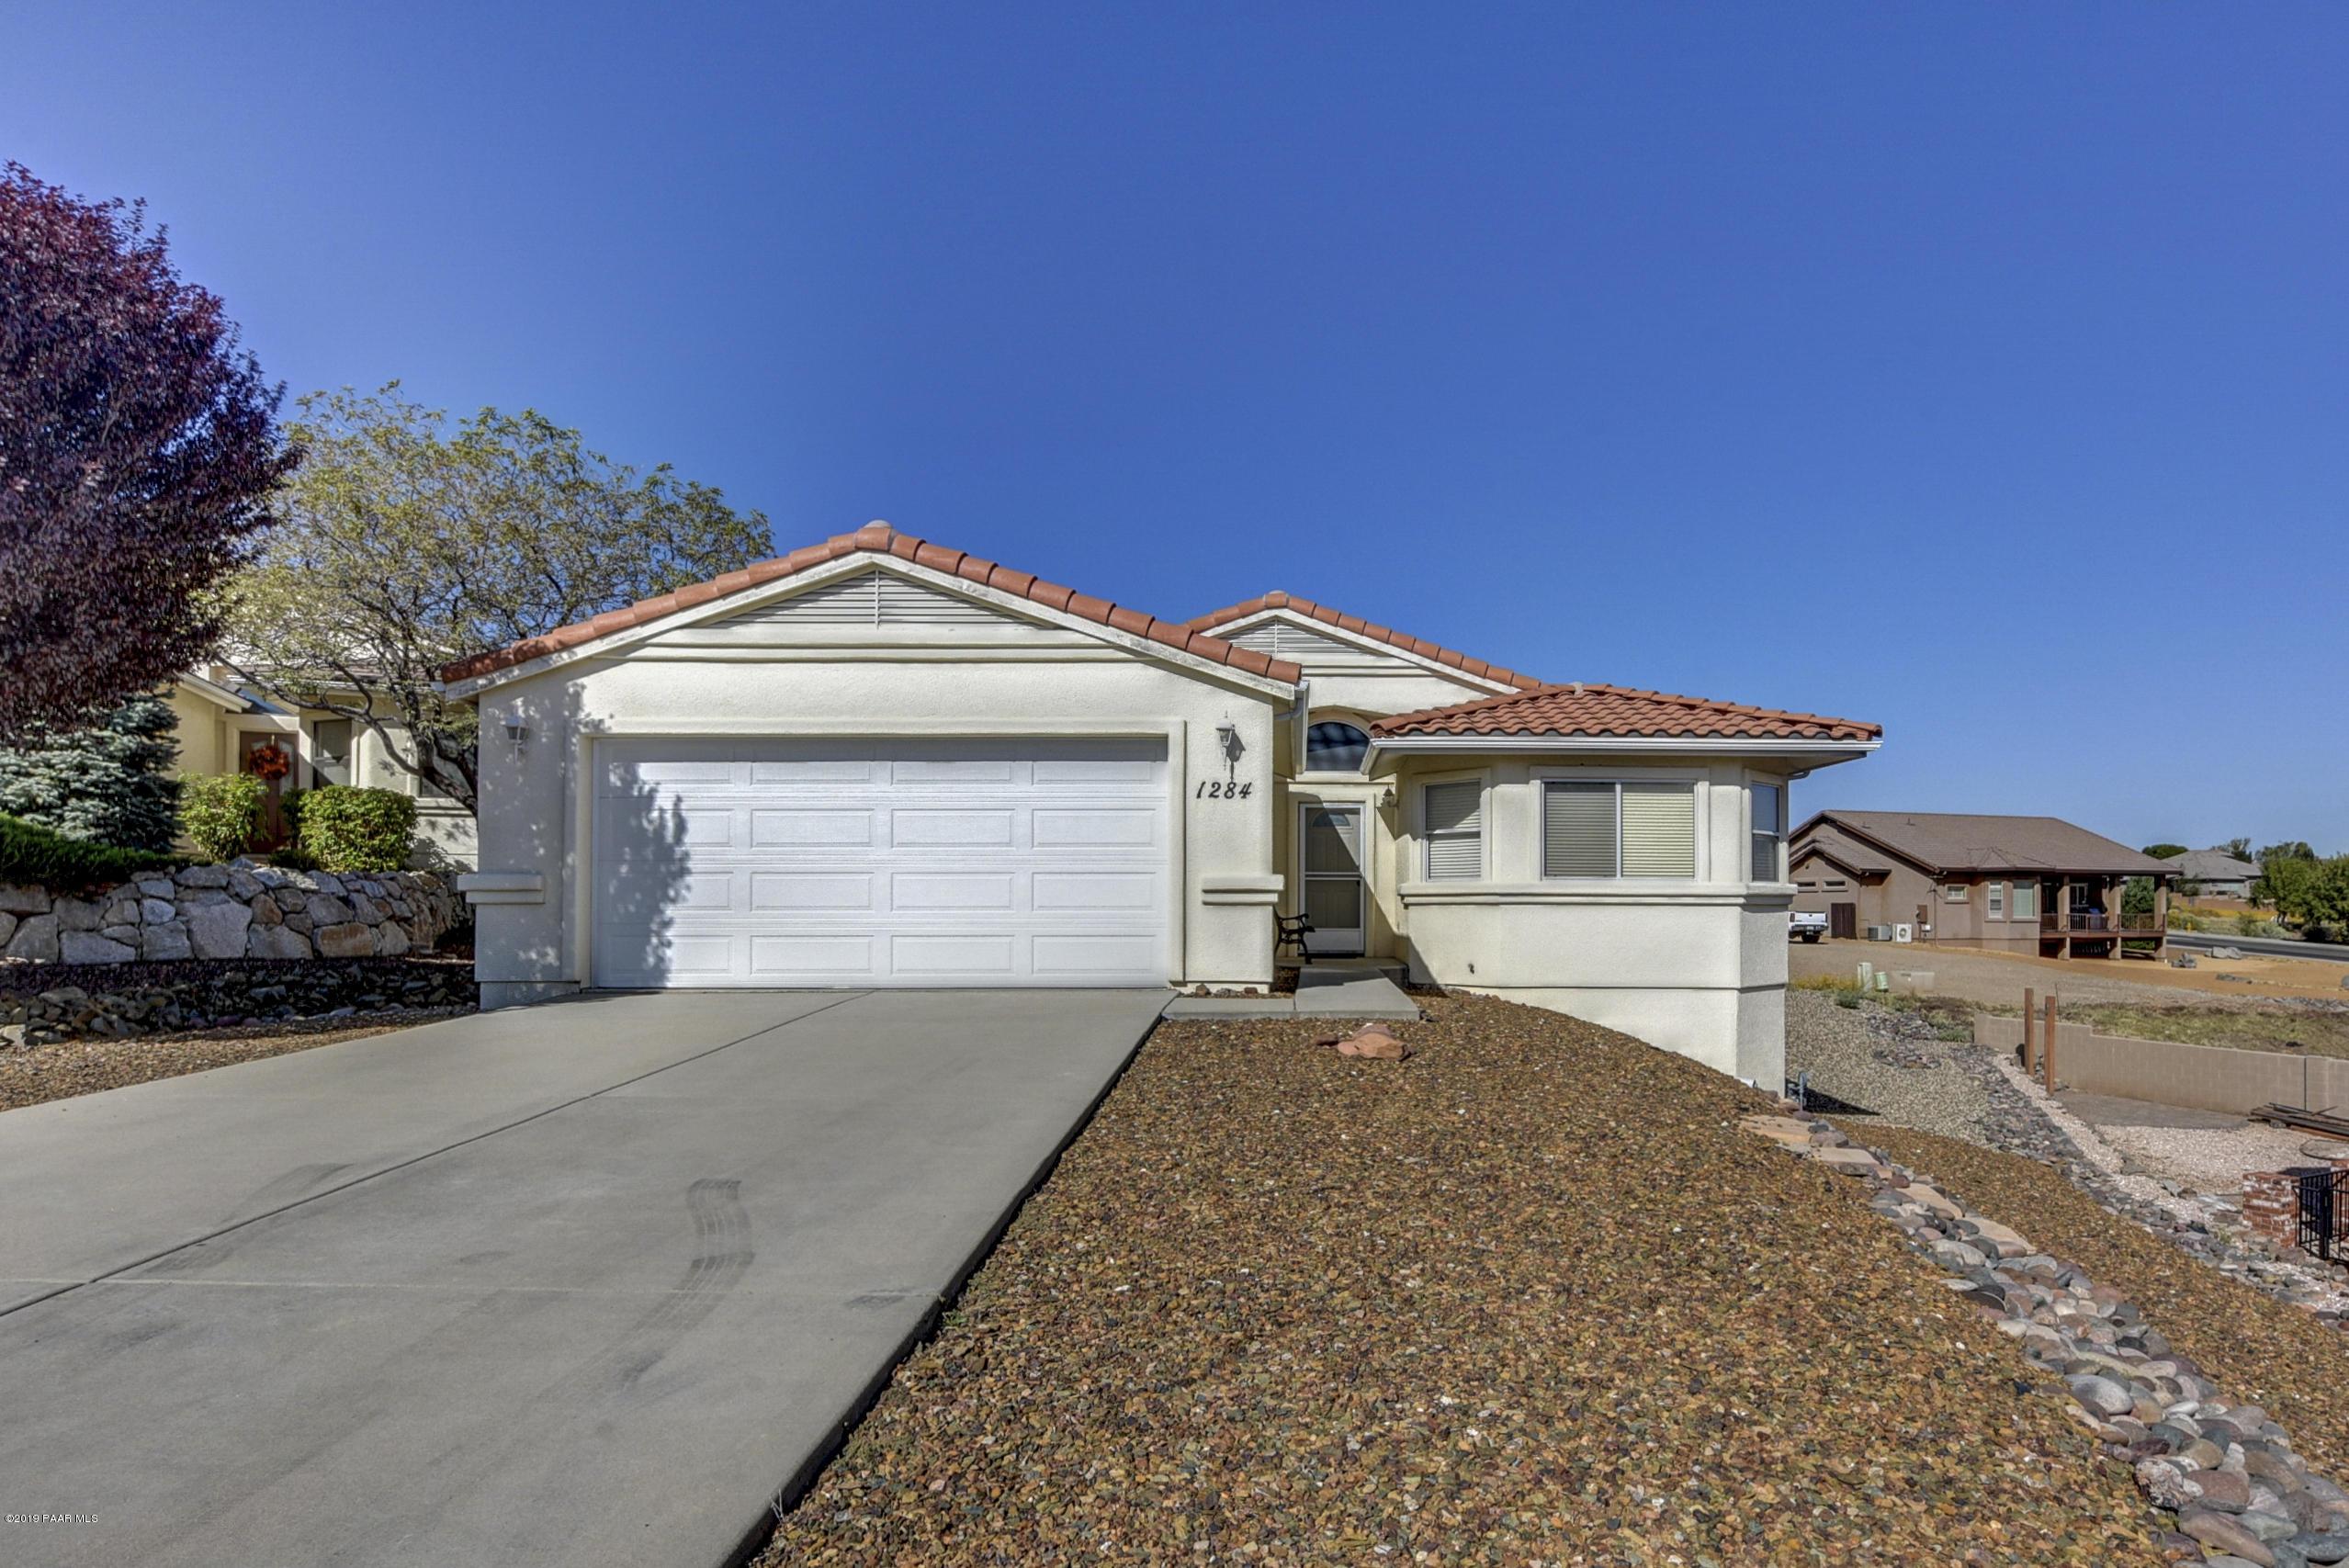 Photo of 1284 Annolen, Prescott, AZ 86301